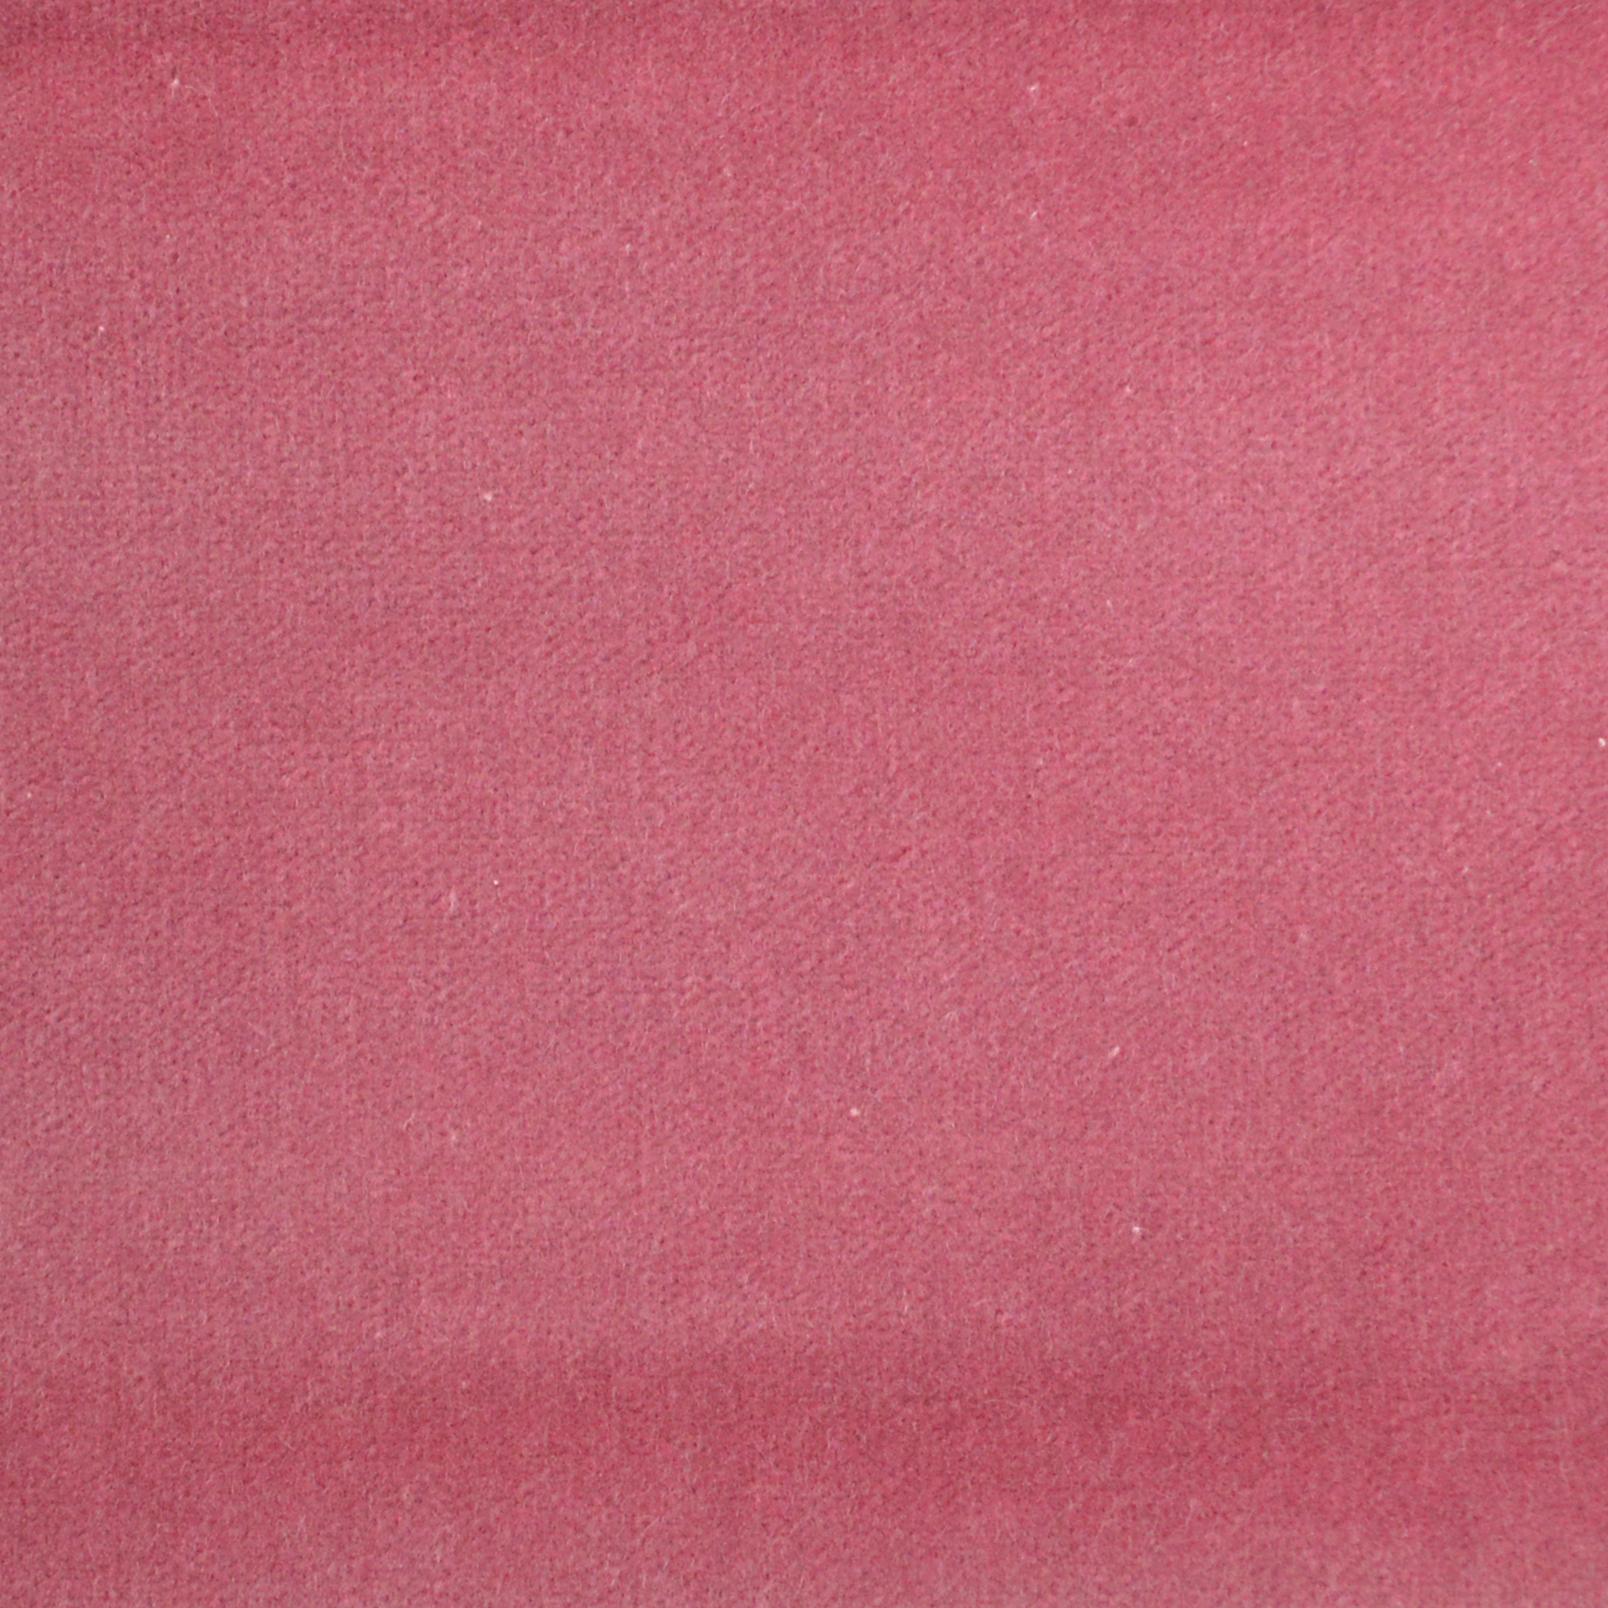 effettuare, eseguire penzolare falda  Rose Velvet Fabric — Imogen Heath Interiors